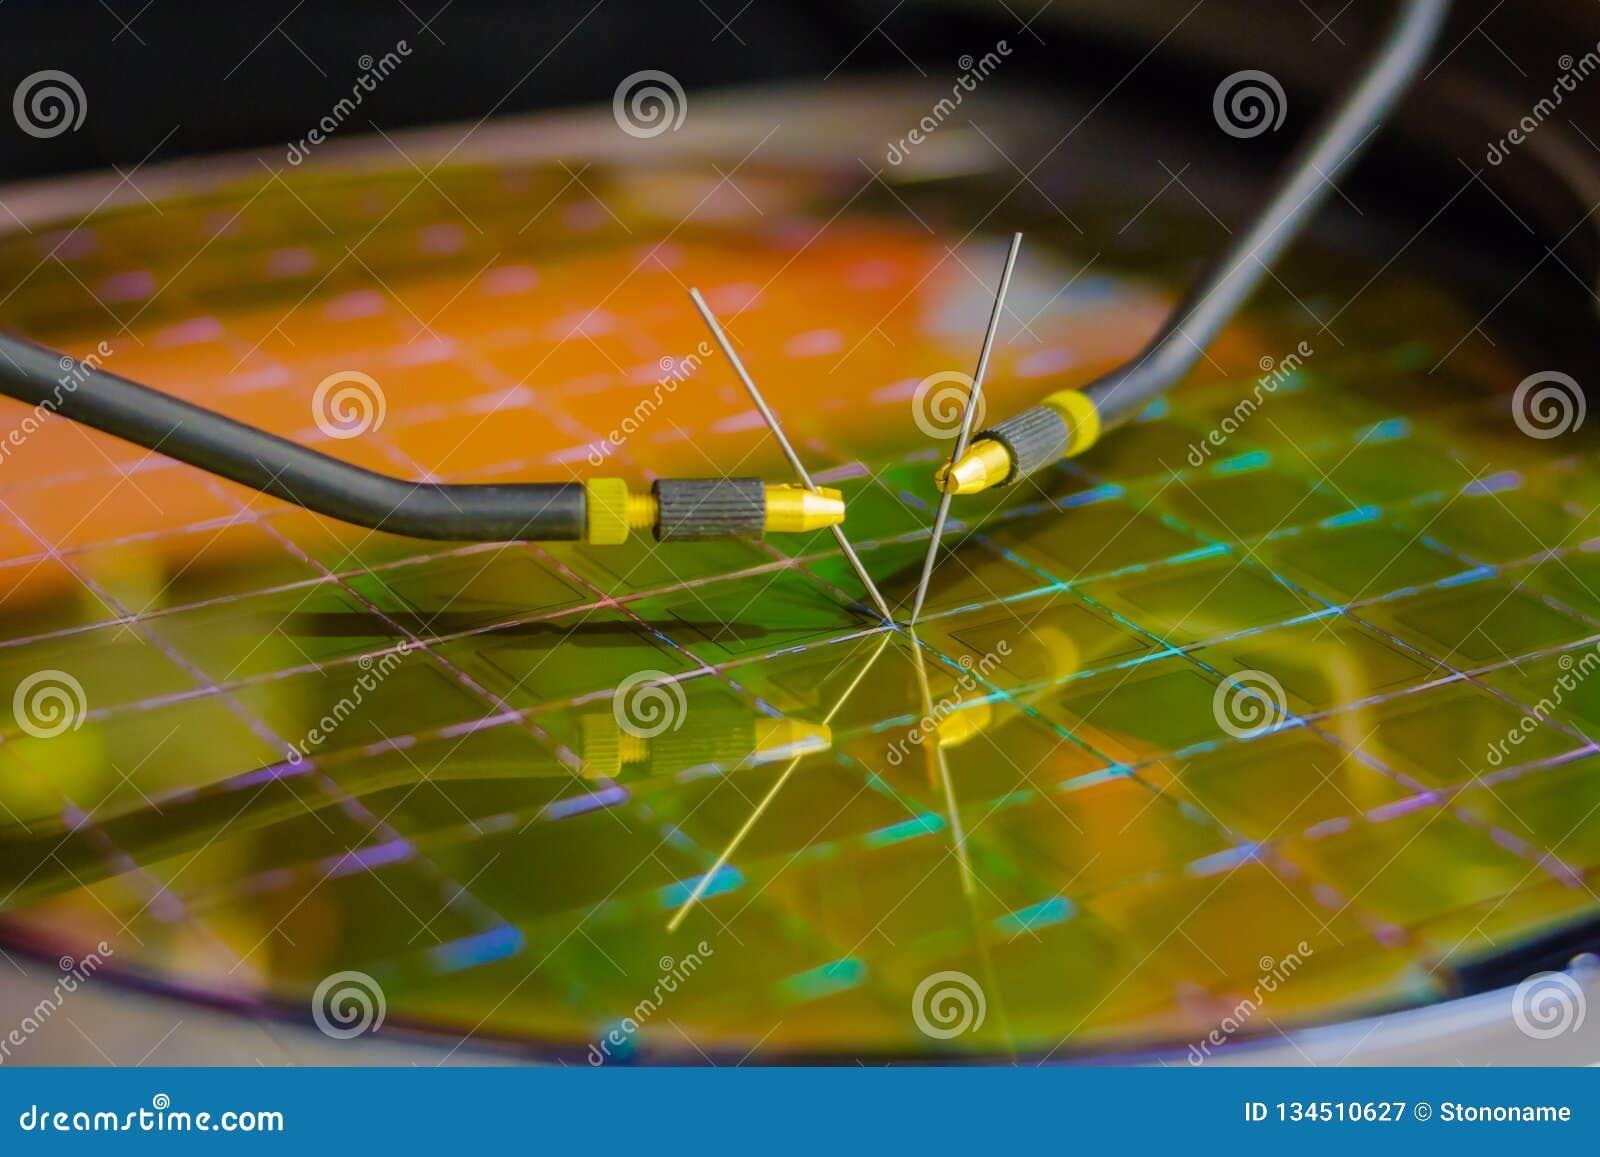 Έλεγχος των μικροτσίπ στην γκοφρέτα πυριτίου με το σταθμό ελέγχων Microelecronics